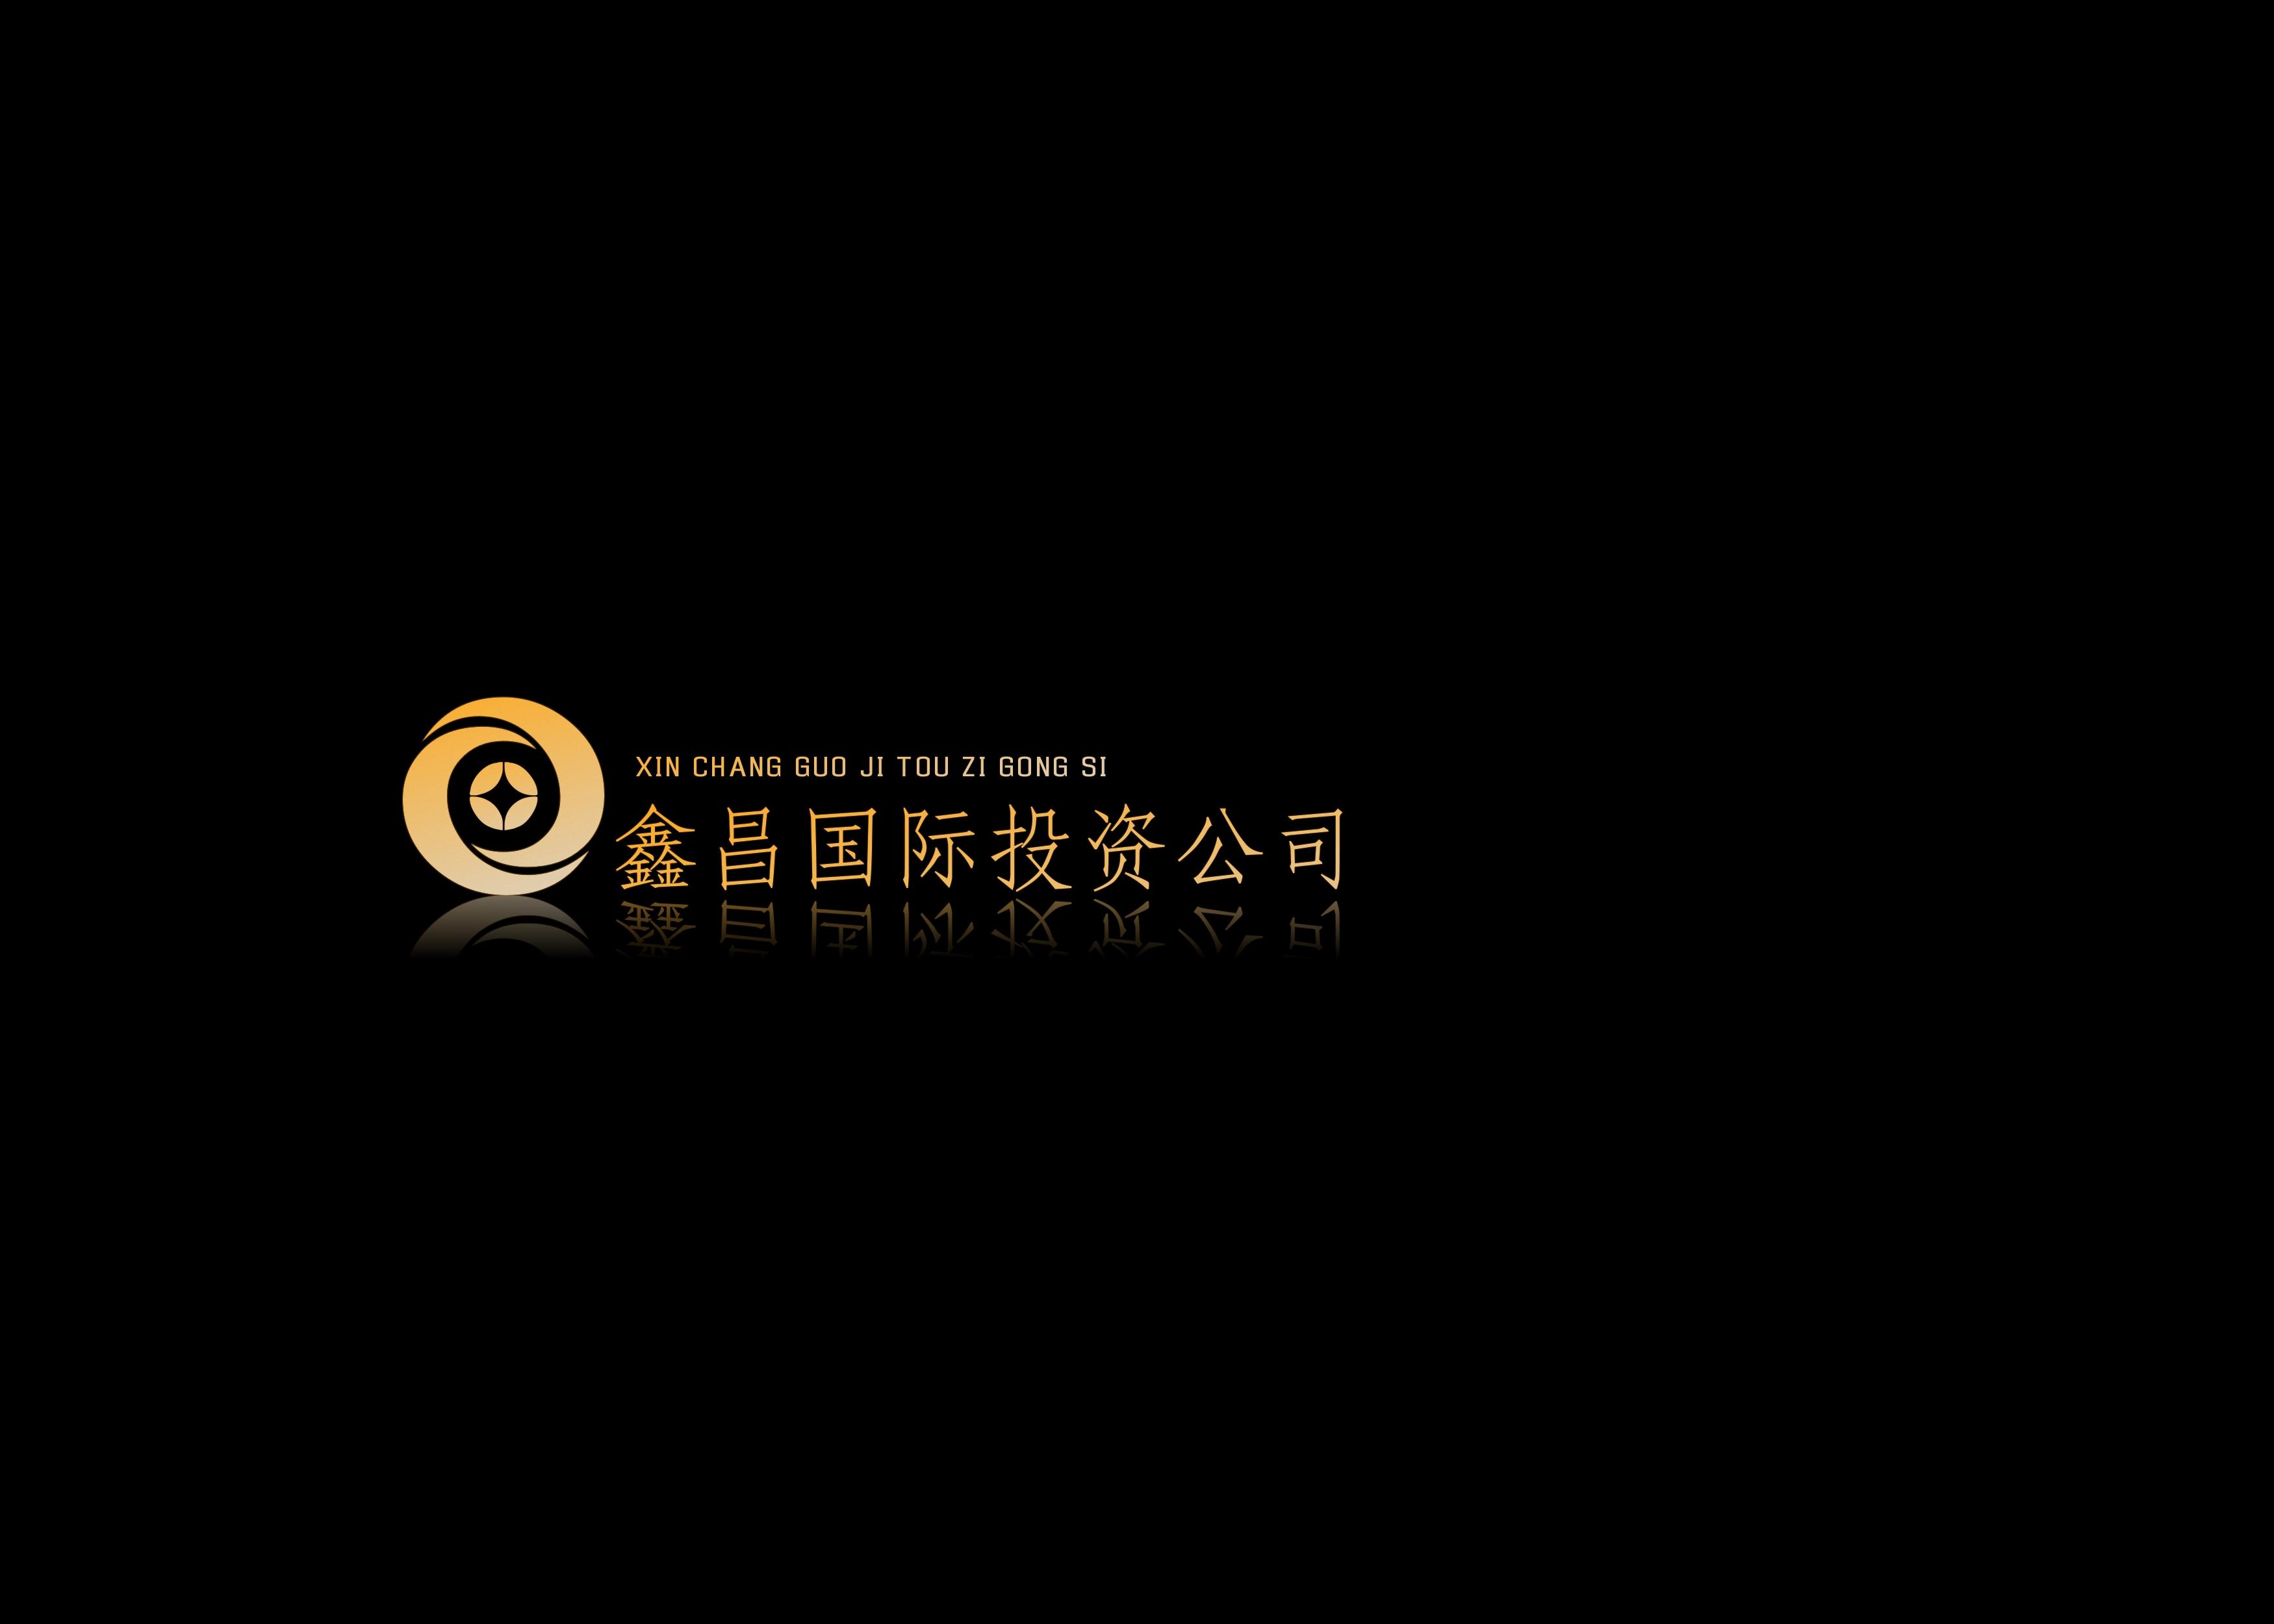 鑫昌国际投资公司的logo标志_小人物大智慧_logo设计